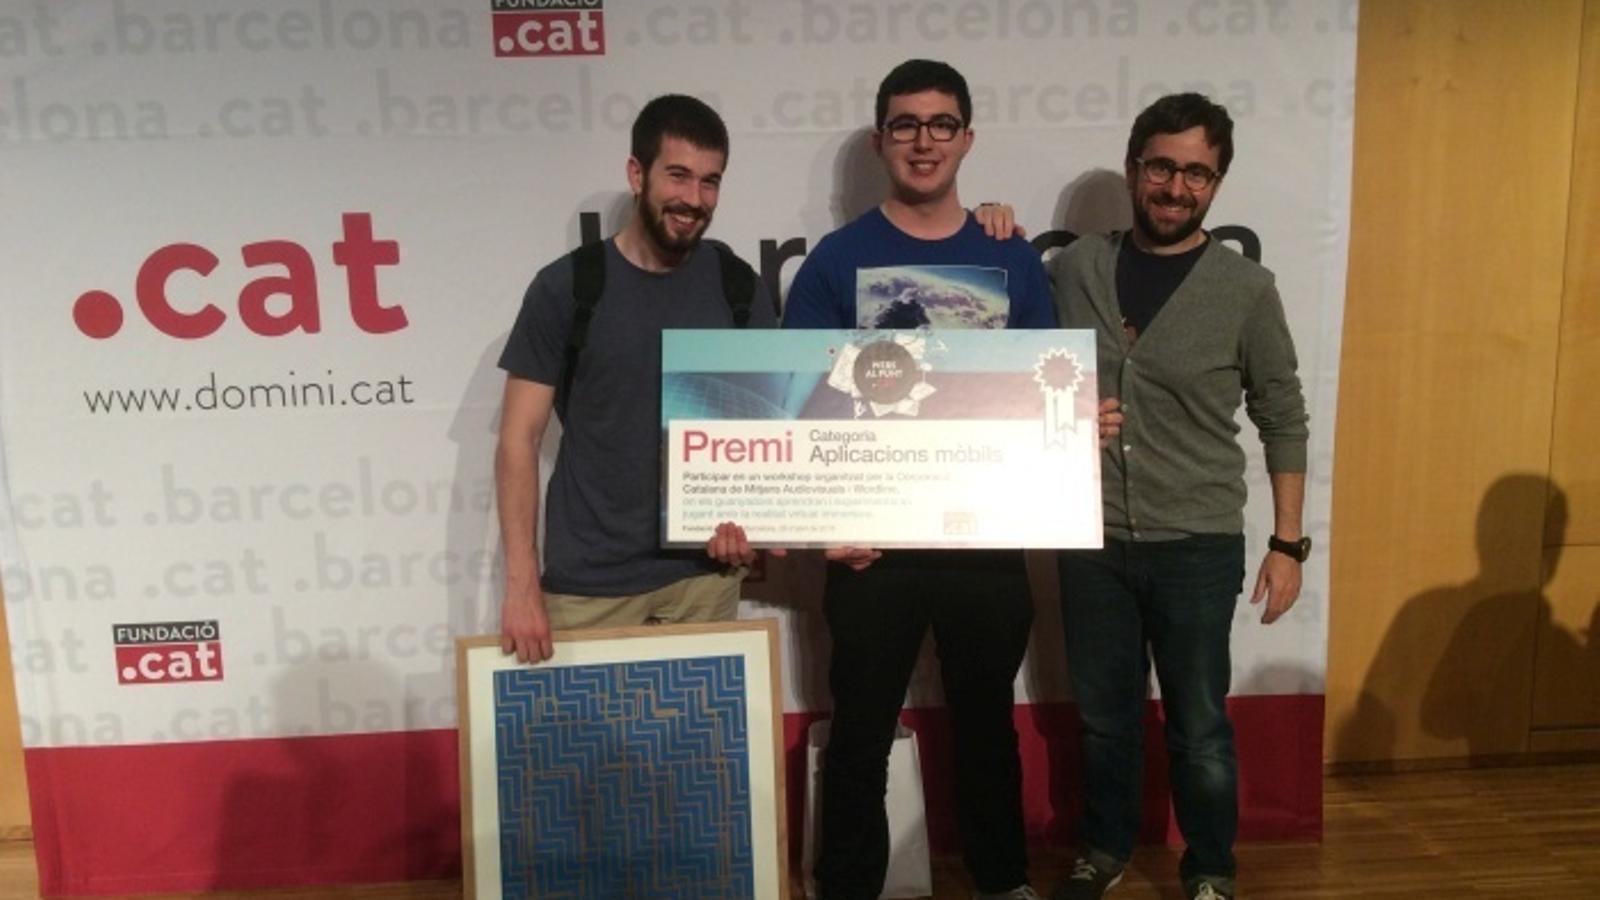 Tres estudiants de Teknós de la UVic-UCC recullen el premi a la millor aplicació mòbil